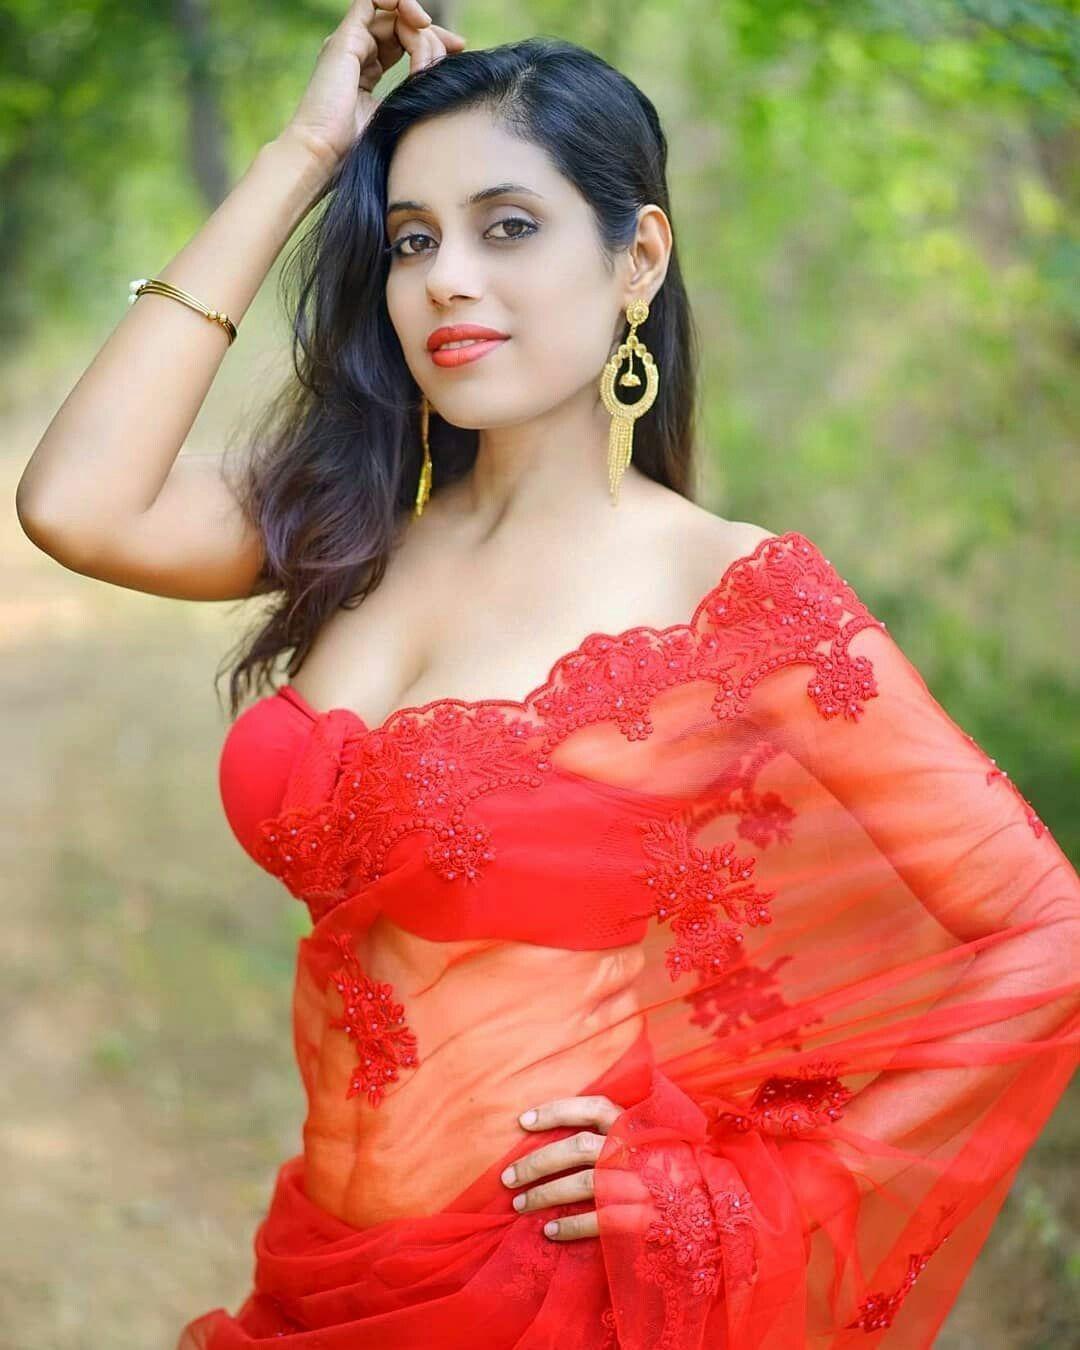 Hot Indian Desi